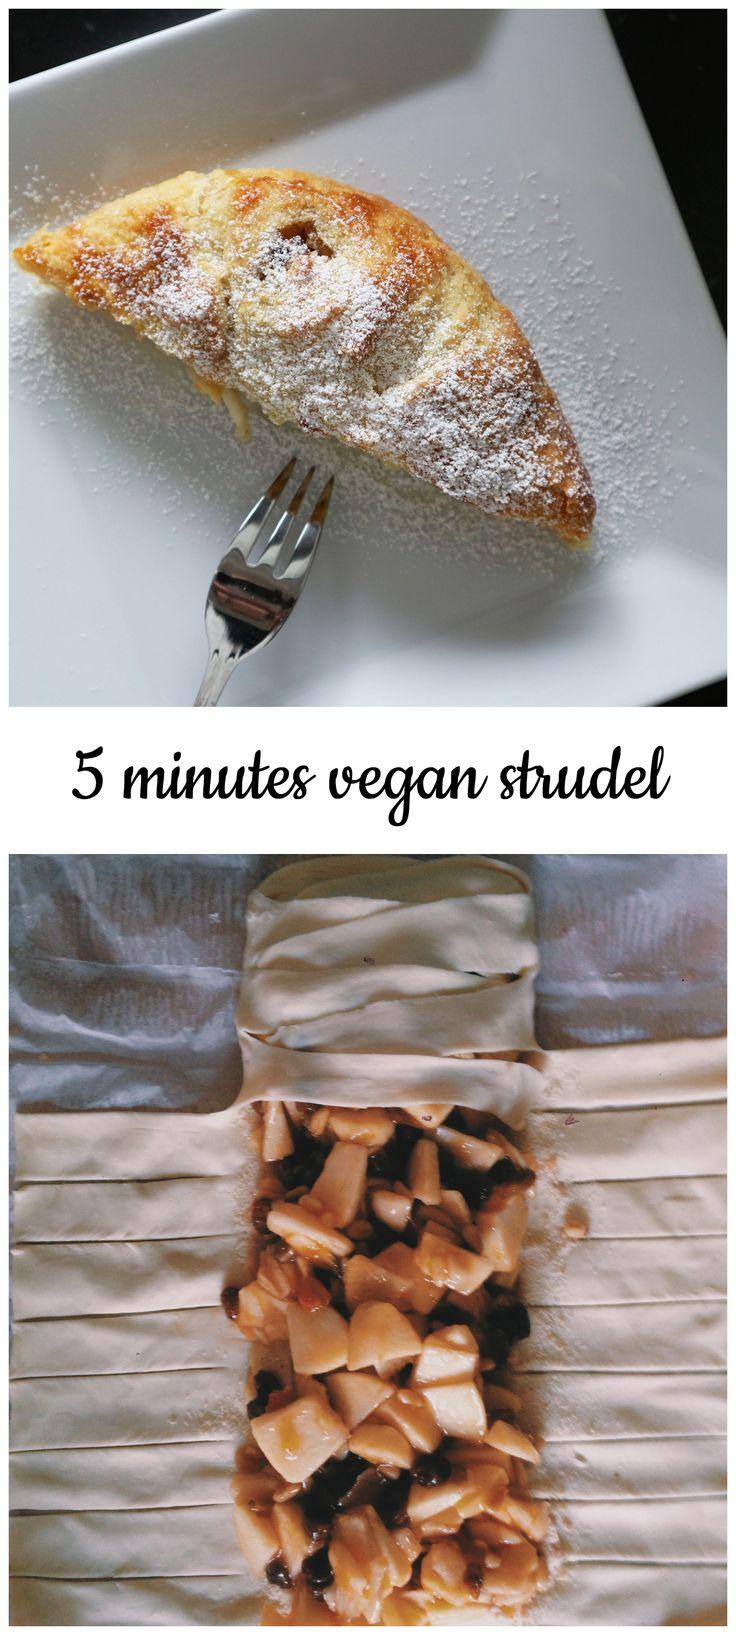 5 minutes vegan strudel, apples, easy, simple, vegan, plant based, vegan breakfast